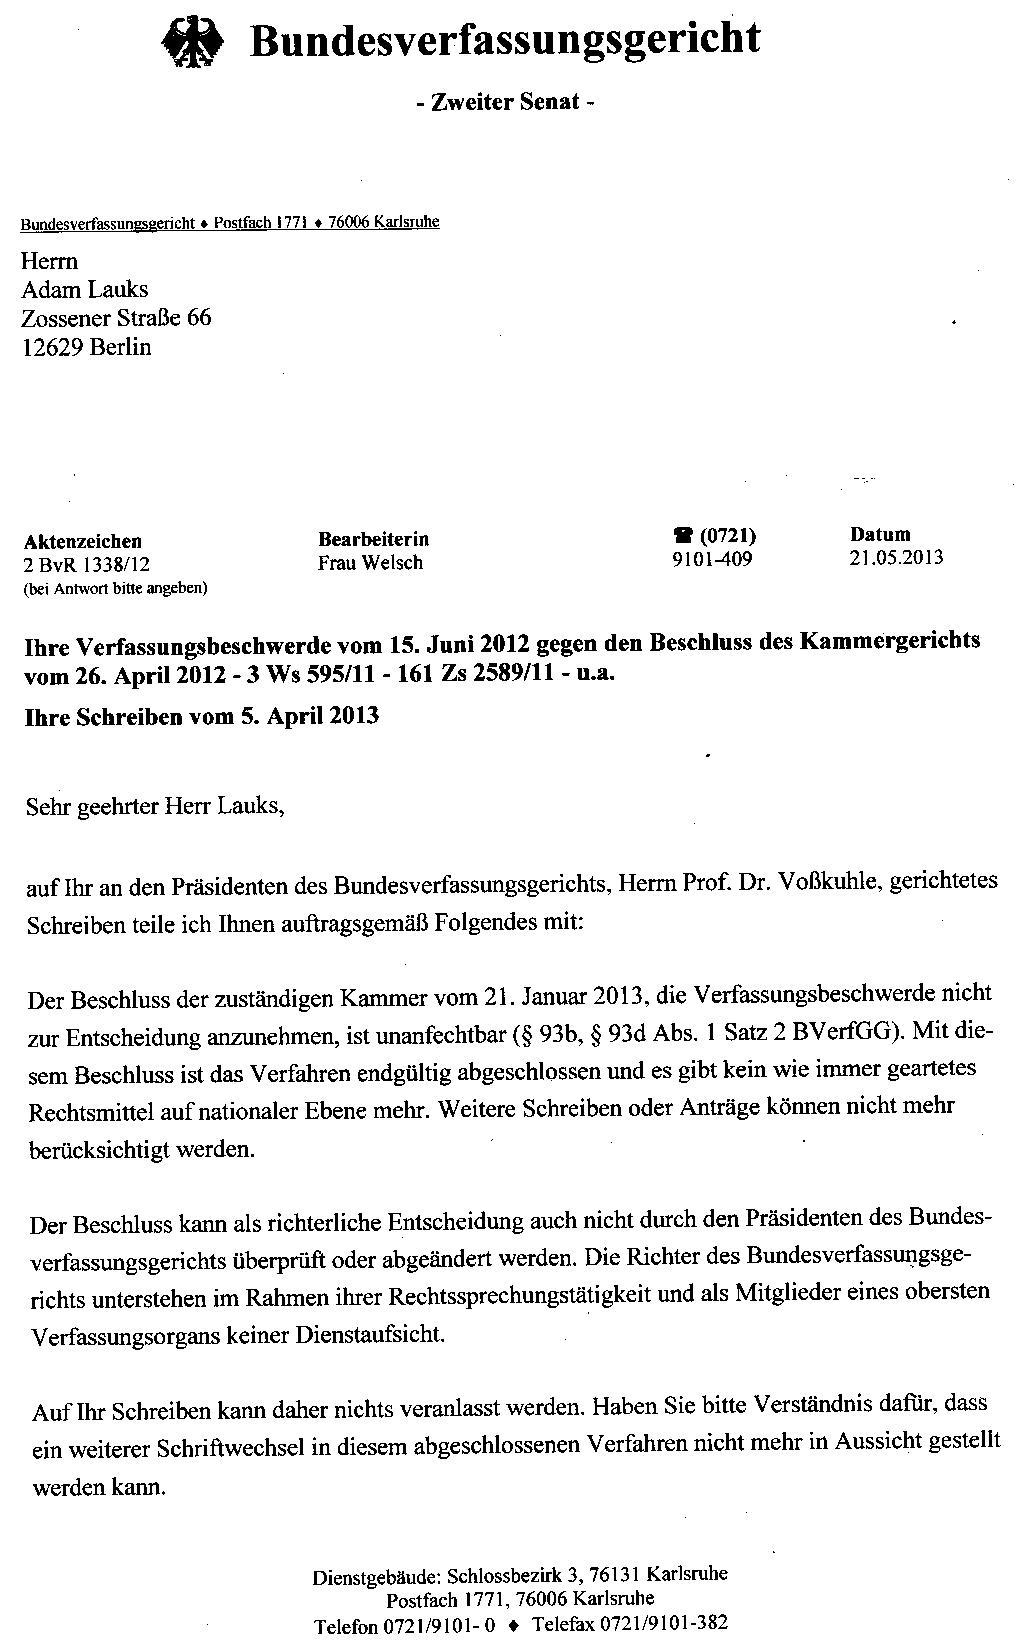 Briefe Mit Vermerk Persönlich : Offener brief an den prÄsidenten des